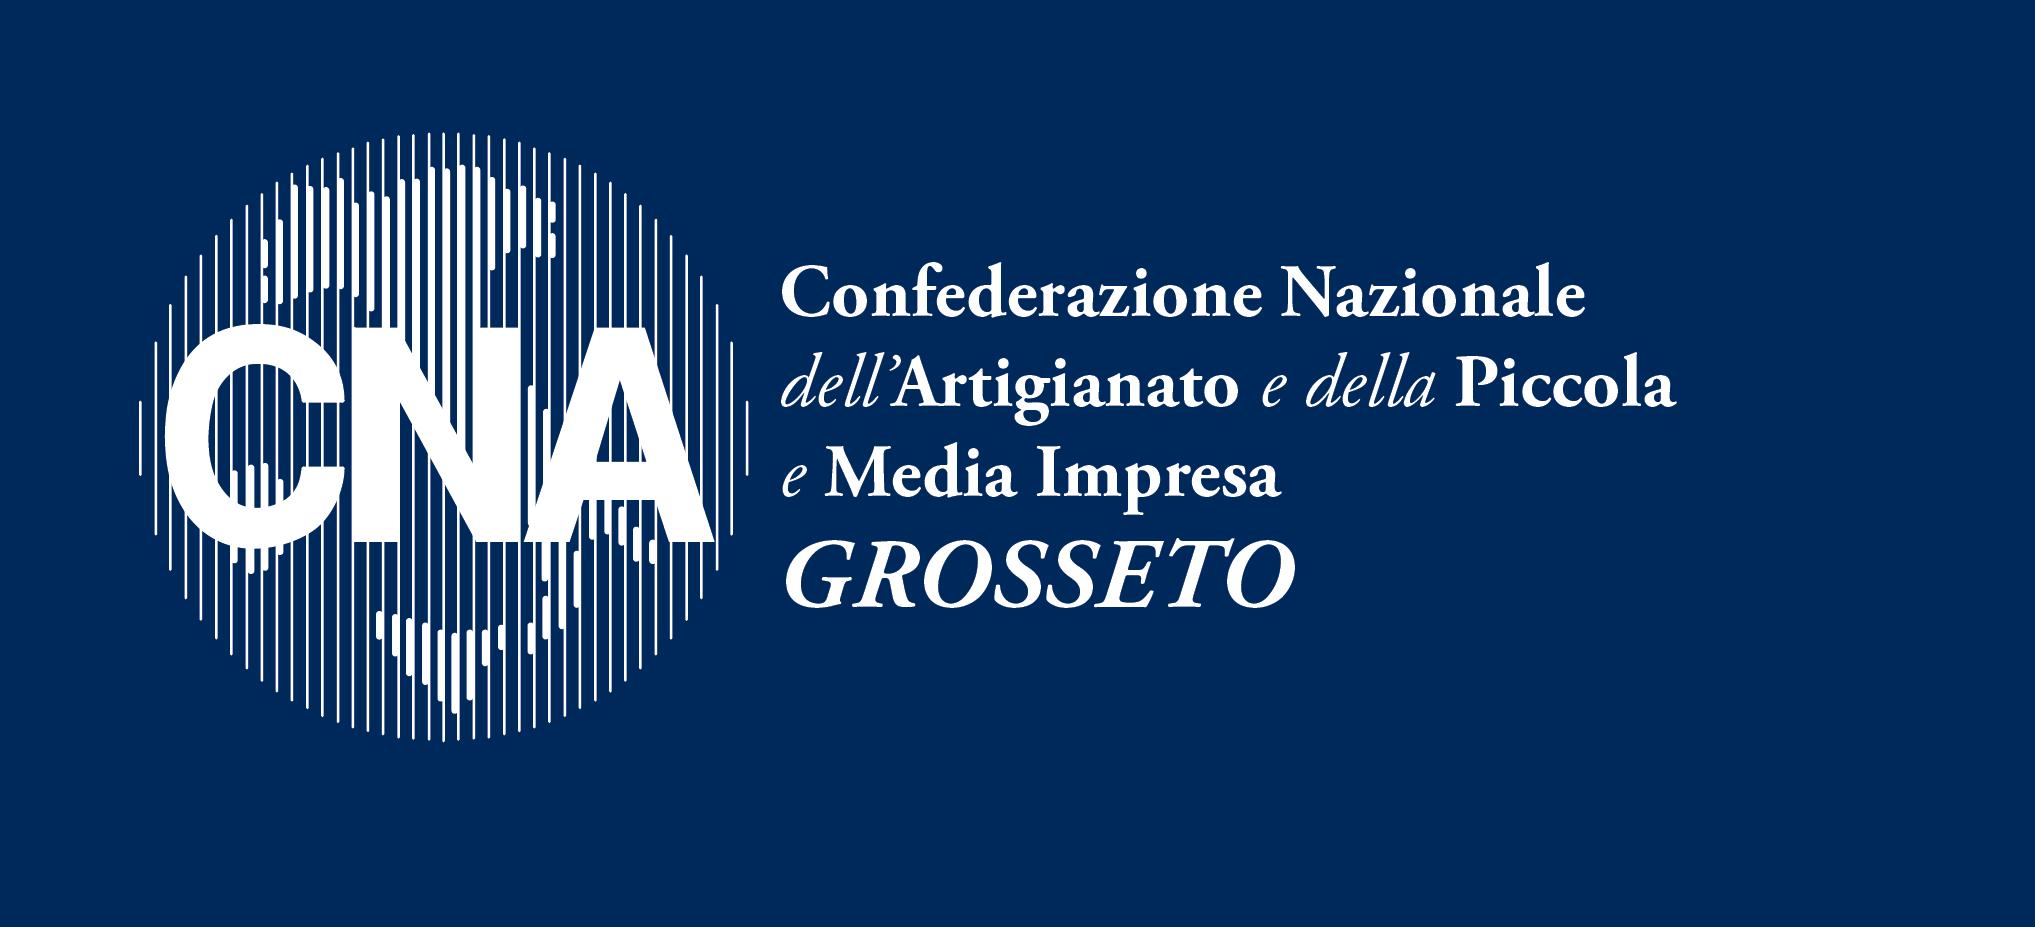 CNA Grosseto tra le migliori d'Italia per tasso di rappresentanza